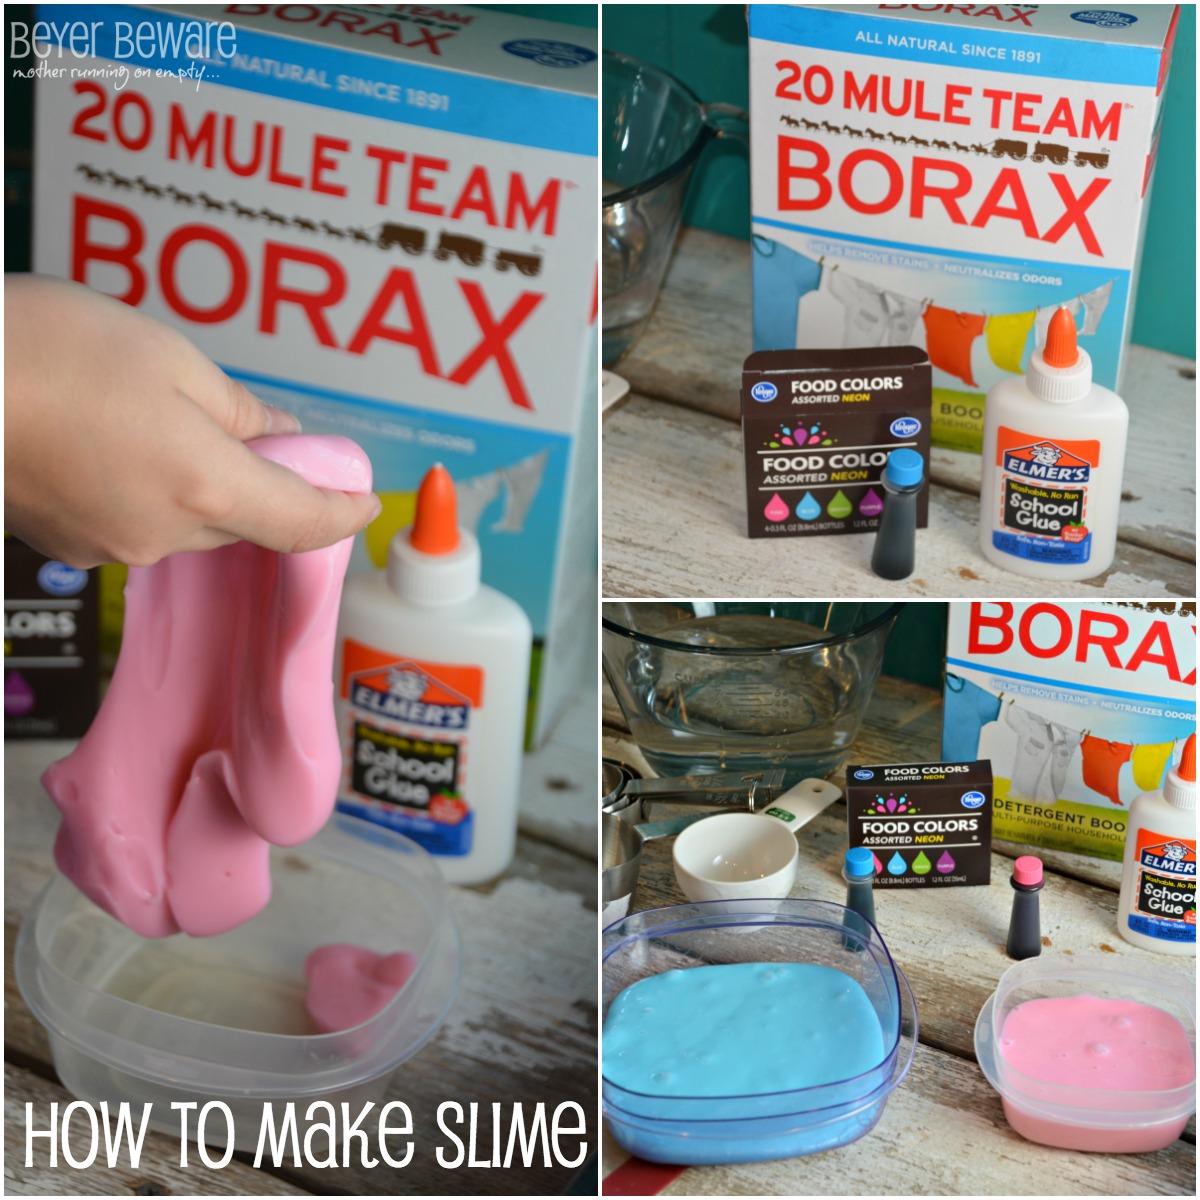 343177 How To Make Slime